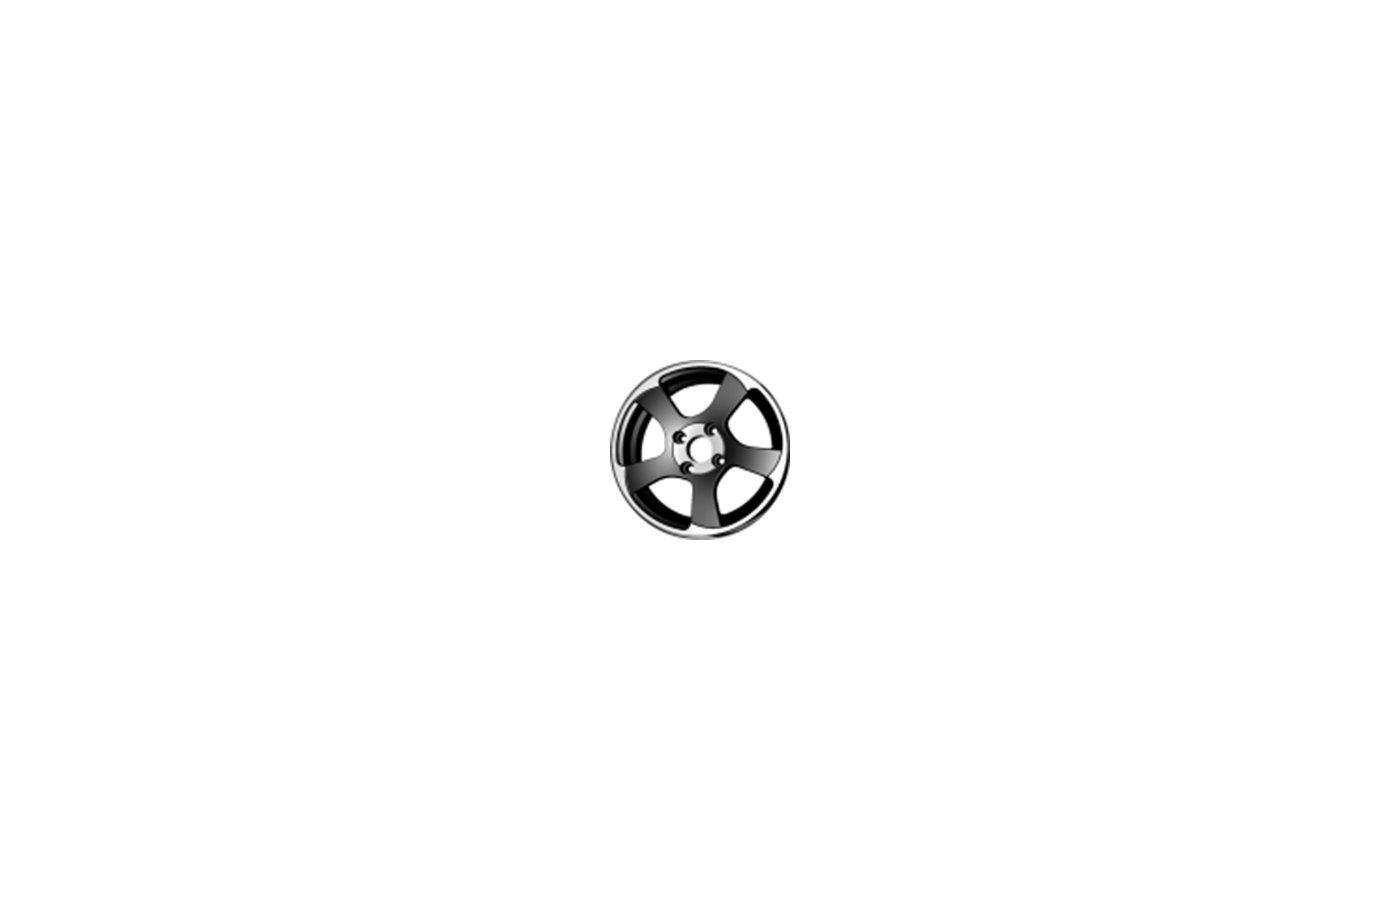 Диск Скад Акула 5.5x14/4x98 D58.6 ET35 Алмаз